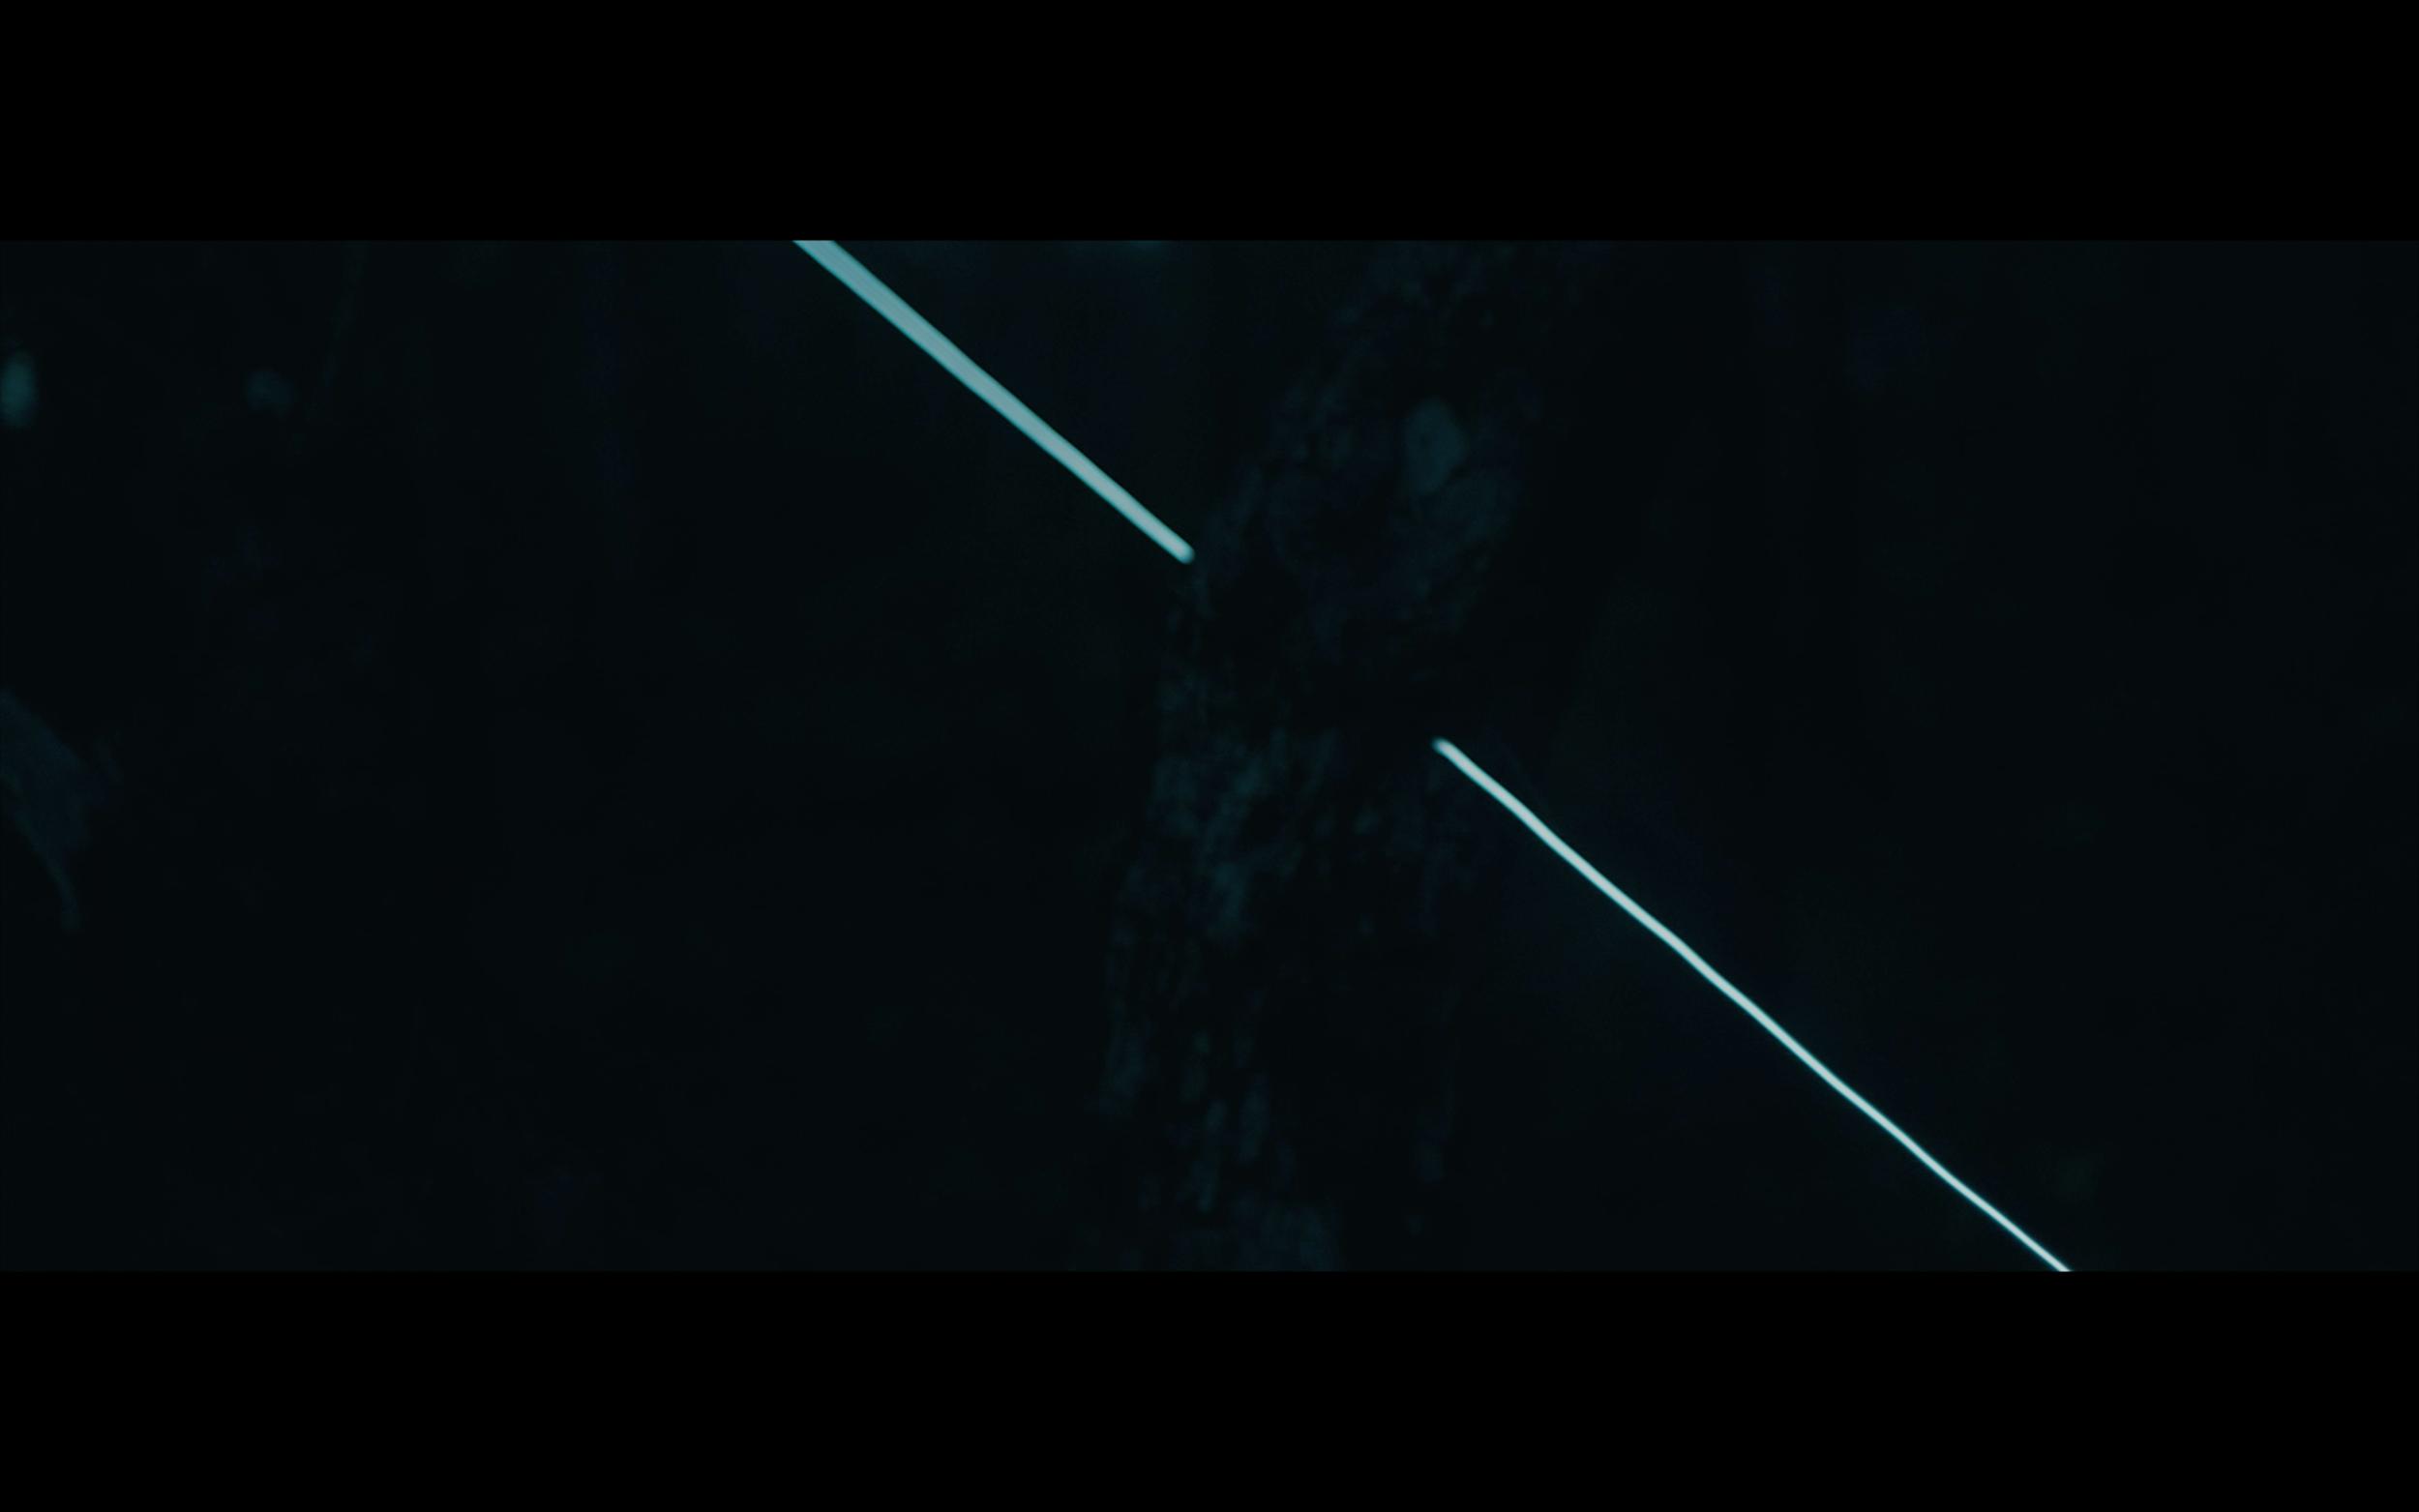 Screen Shot 2019-04-01 at 11.17.47 PM.png